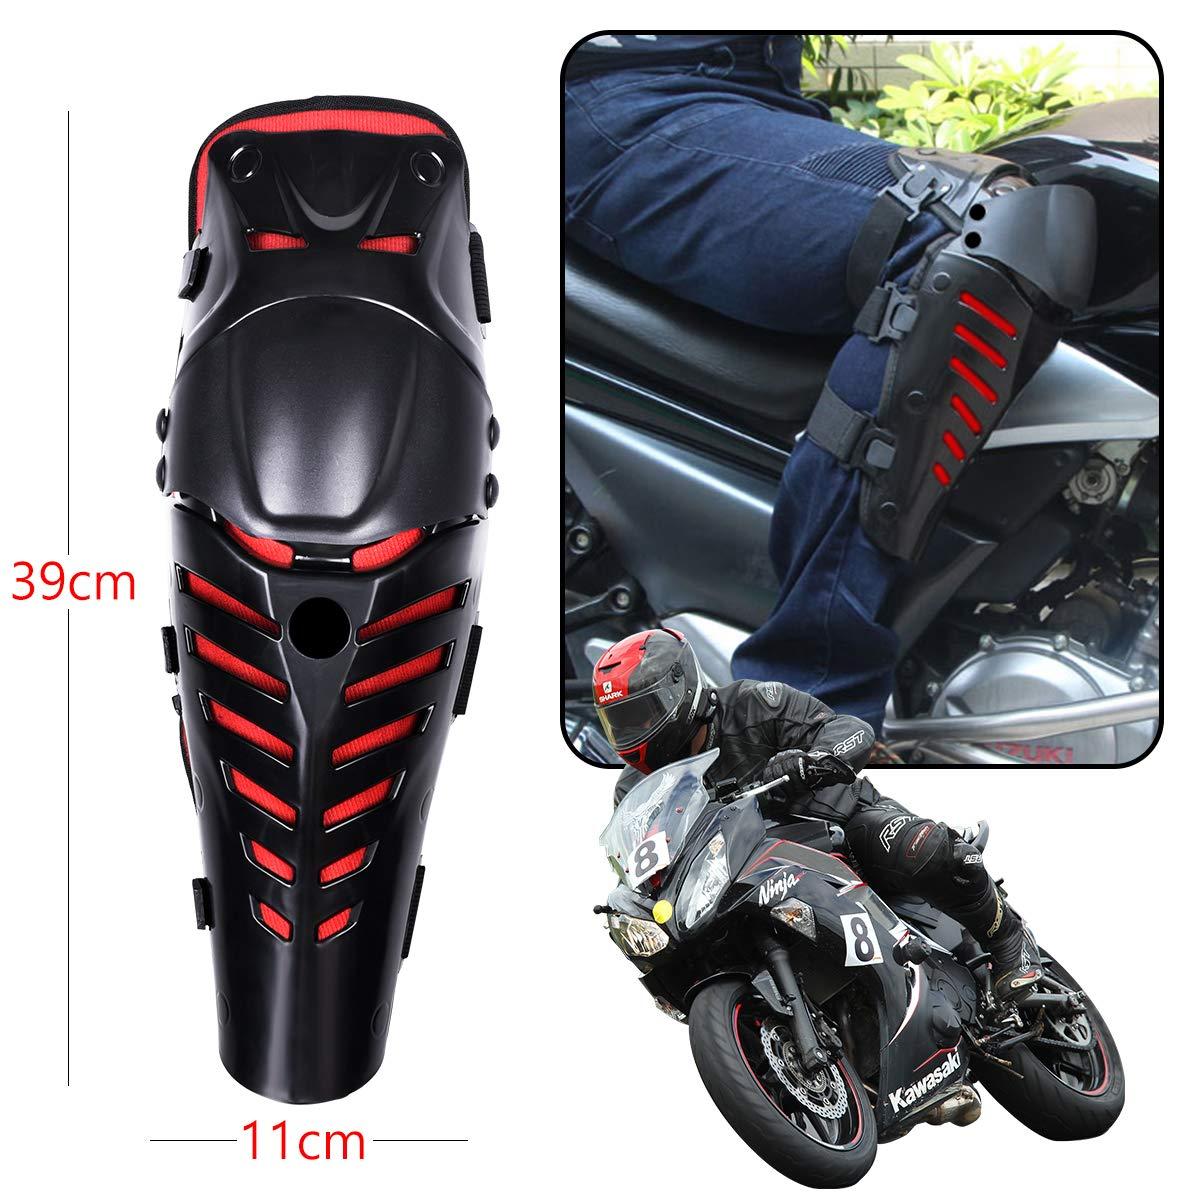 OZUAR Knieprotektoren Motorrad Kniesch/ützer R/üstungsschutz Schienbeinschoner f/ür Motocross Motorrad Fahrrad Skateboard-Fahrrad Das Taktischen Sport Schwarz 39/×11/×11cm